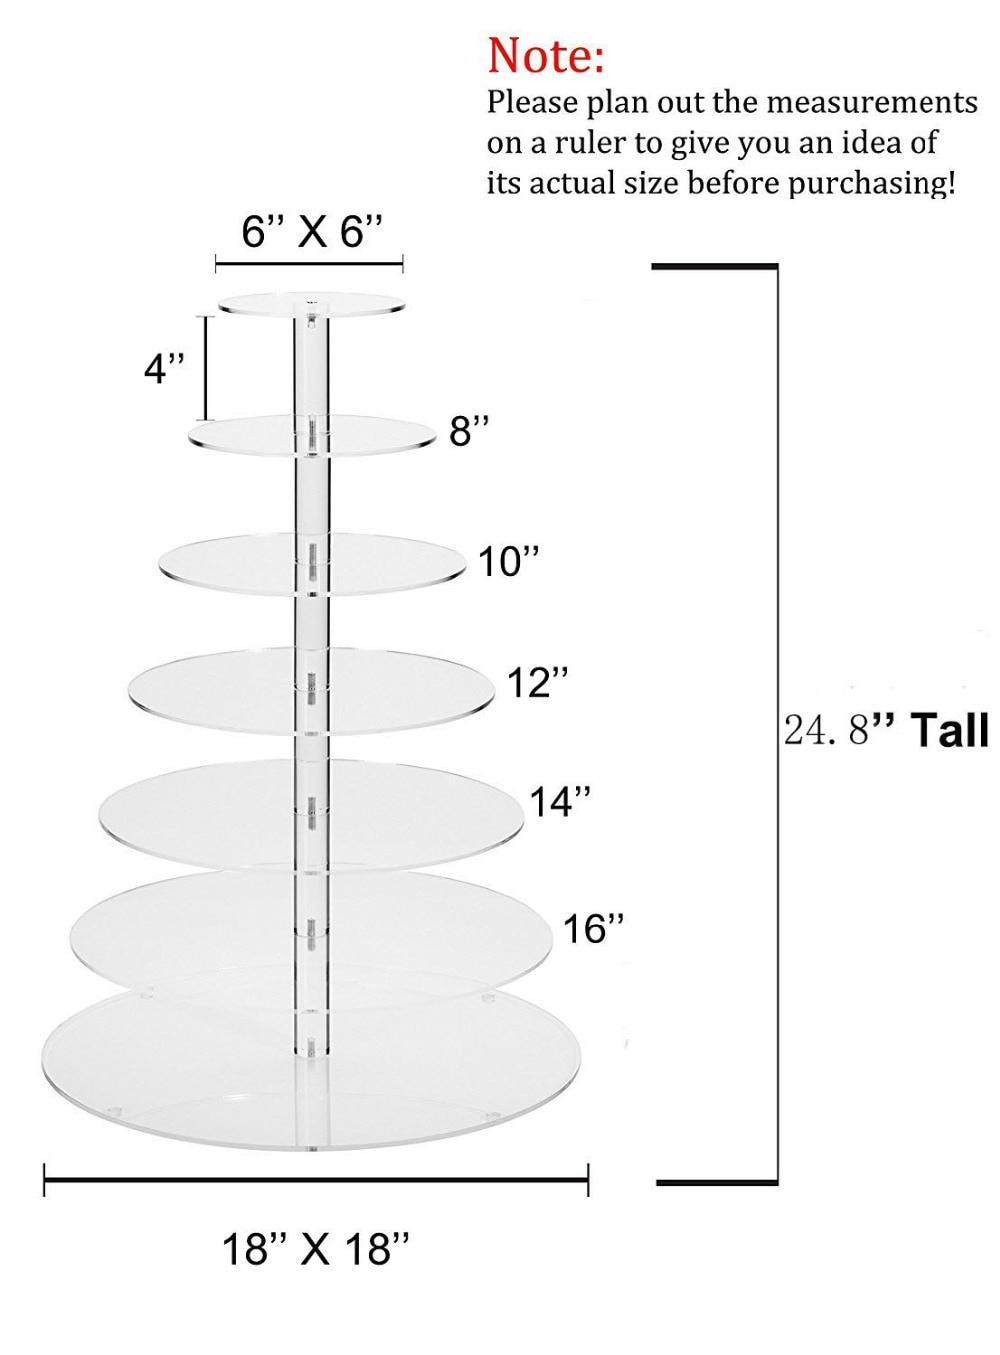 Акриловая подставка для торта для свадебной вечеринки/индивидуальный современный дизайн 7 ярусная акриловая подставка для торта, акрилова... - 4